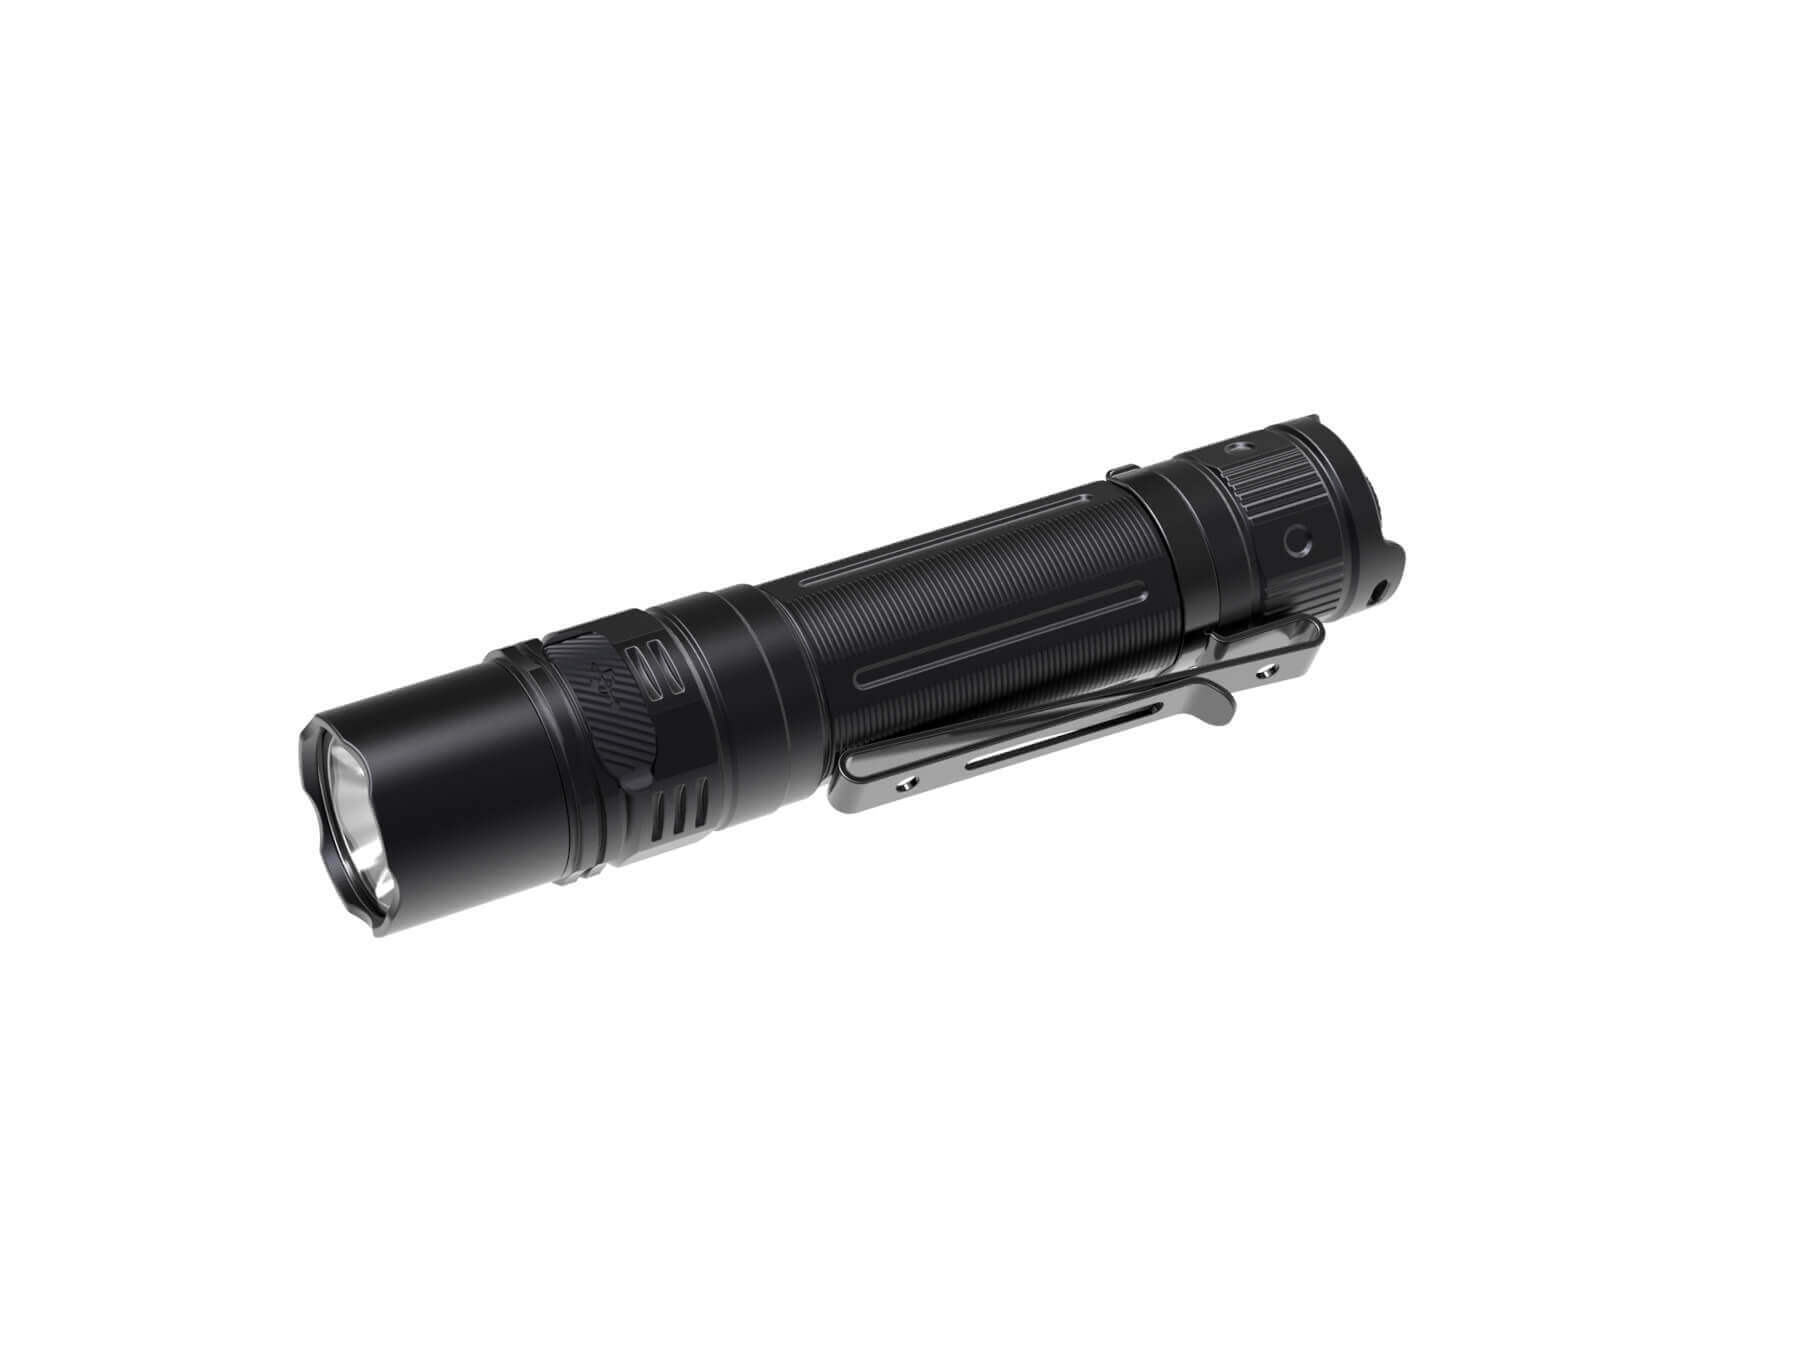 Taschenlampe Fenix PD36R Schwarz